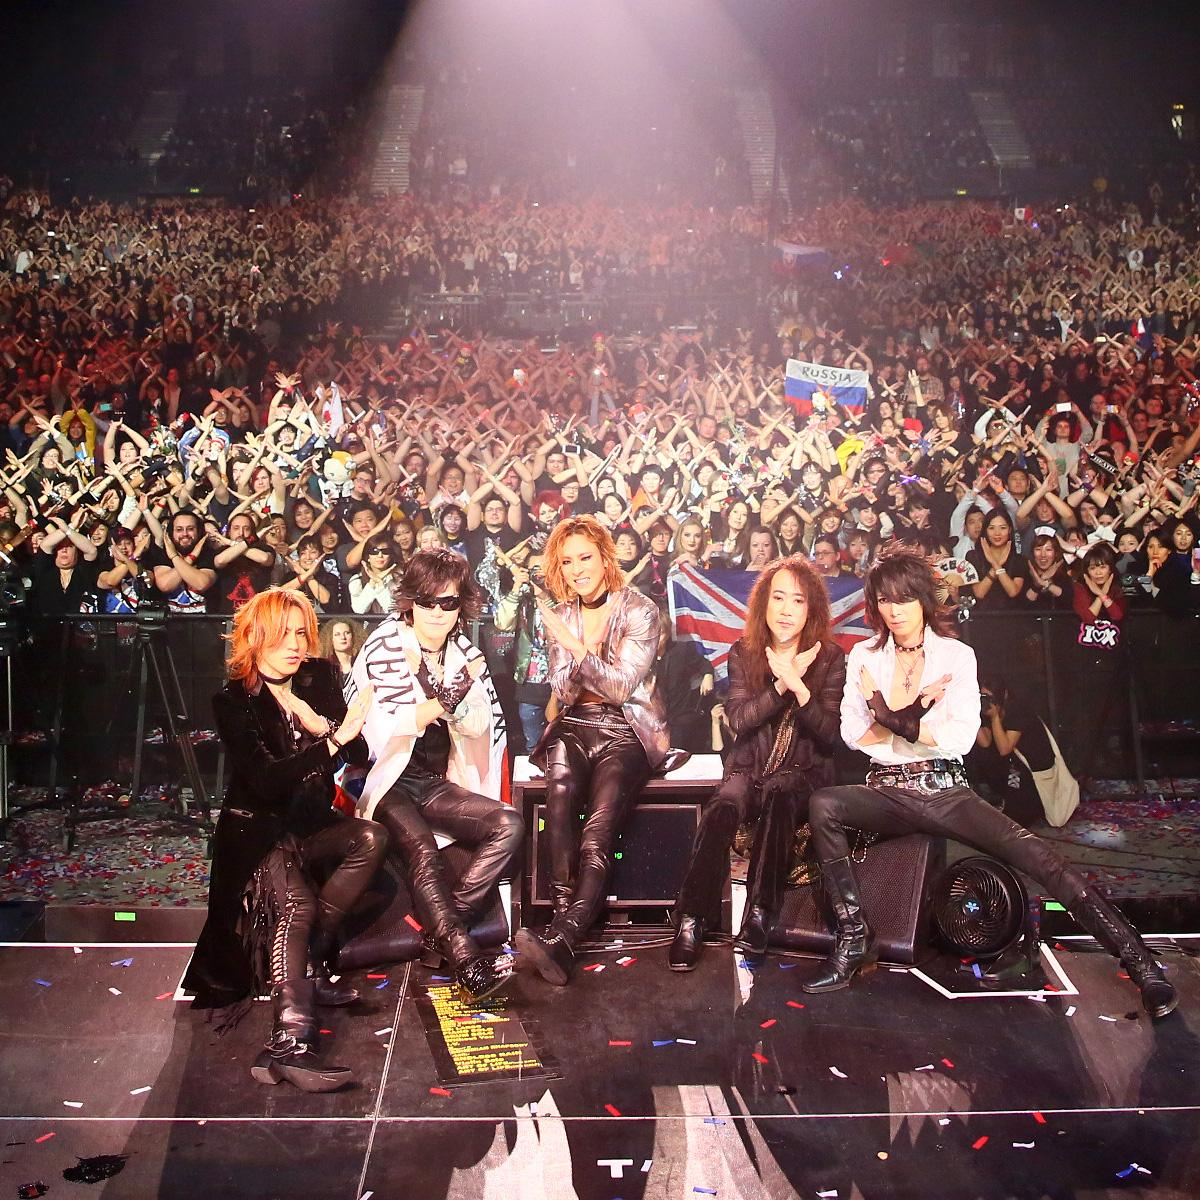 RMMS-X-Japan-Wembley-Arena-2017-1676cr